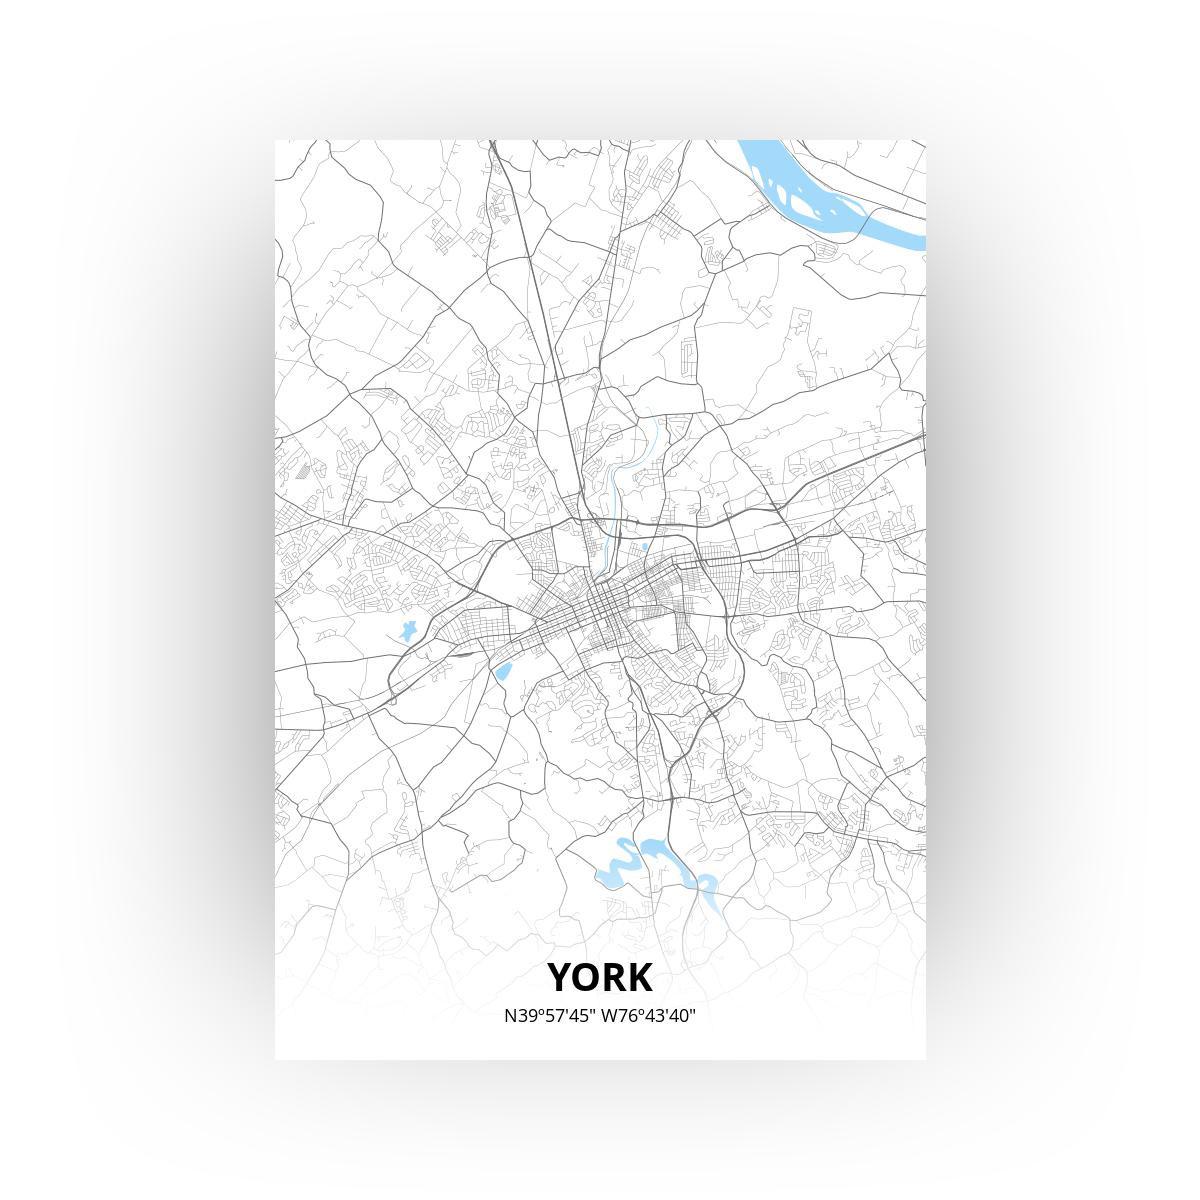 York poster - Zelf aan te passen!